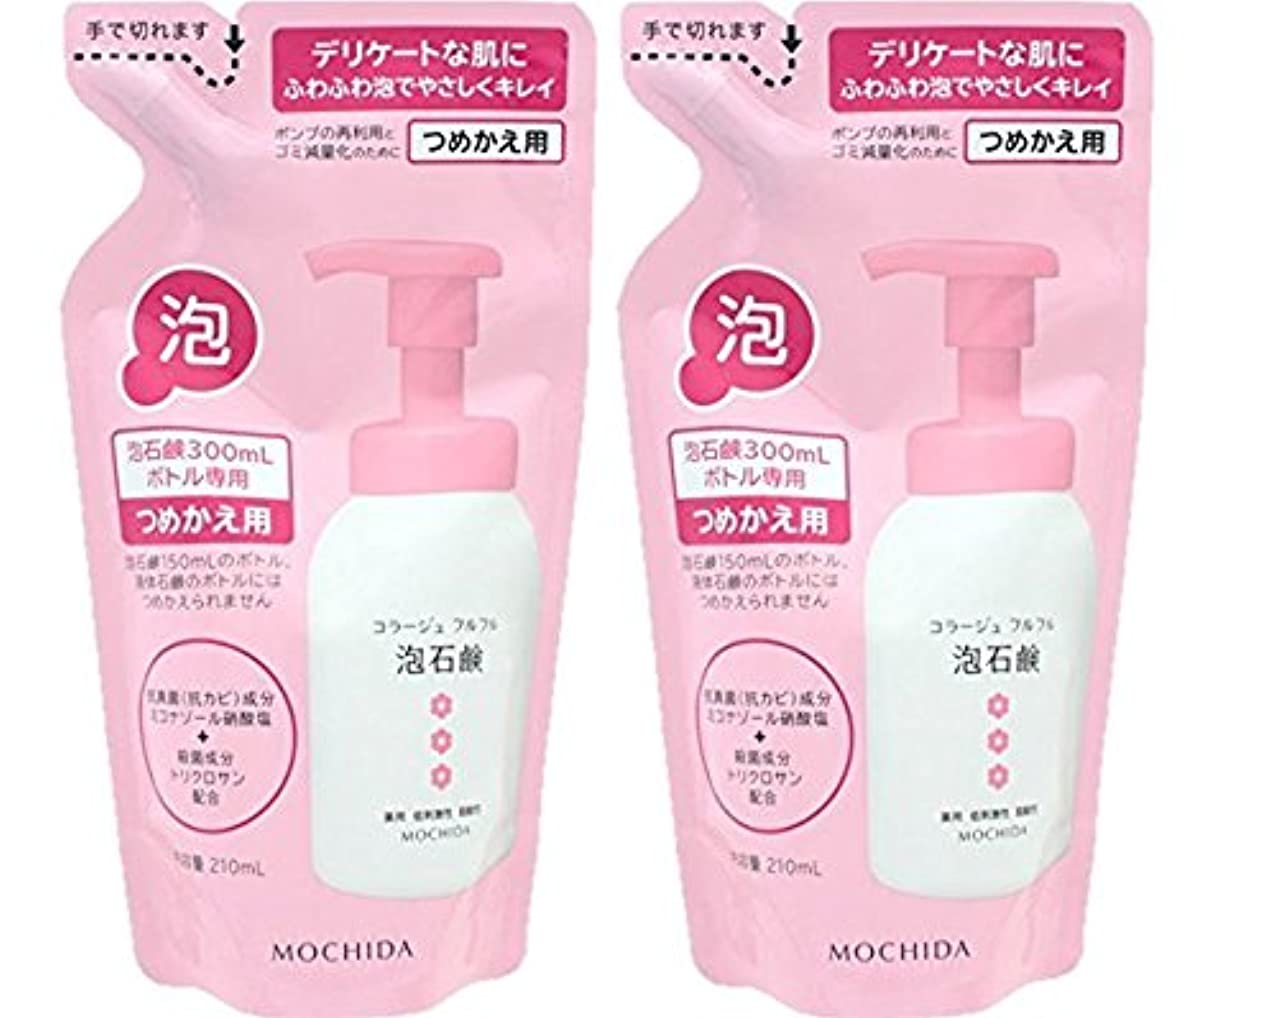 まもなくステートメントアシストコラージュフルフル 泡石鹸 ピンク つめかえ用 210mL (医薬部外品)×2